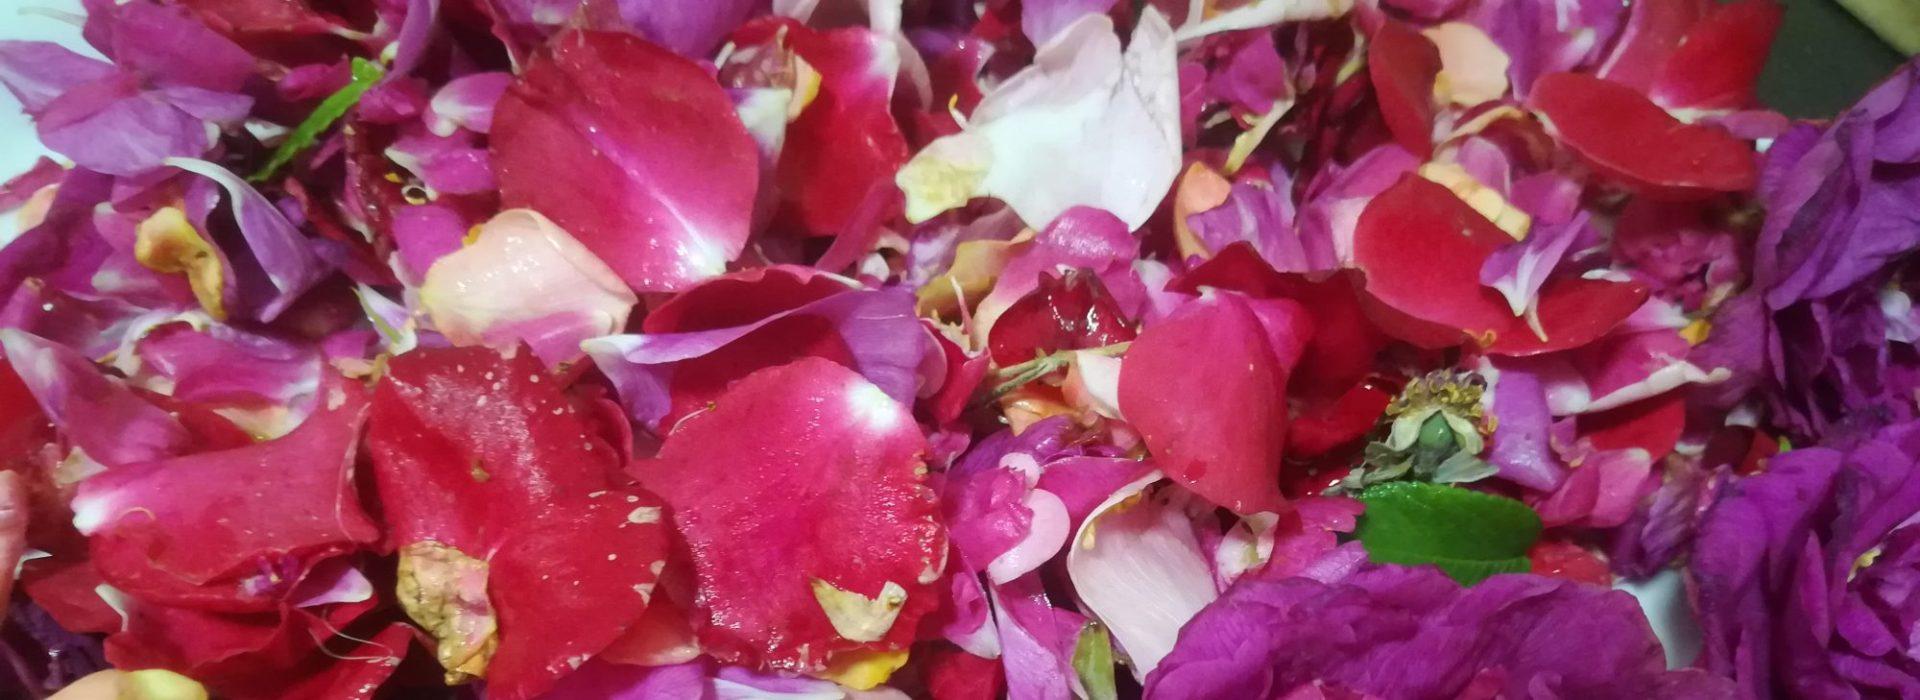 Rose Hyvän olon hoitola